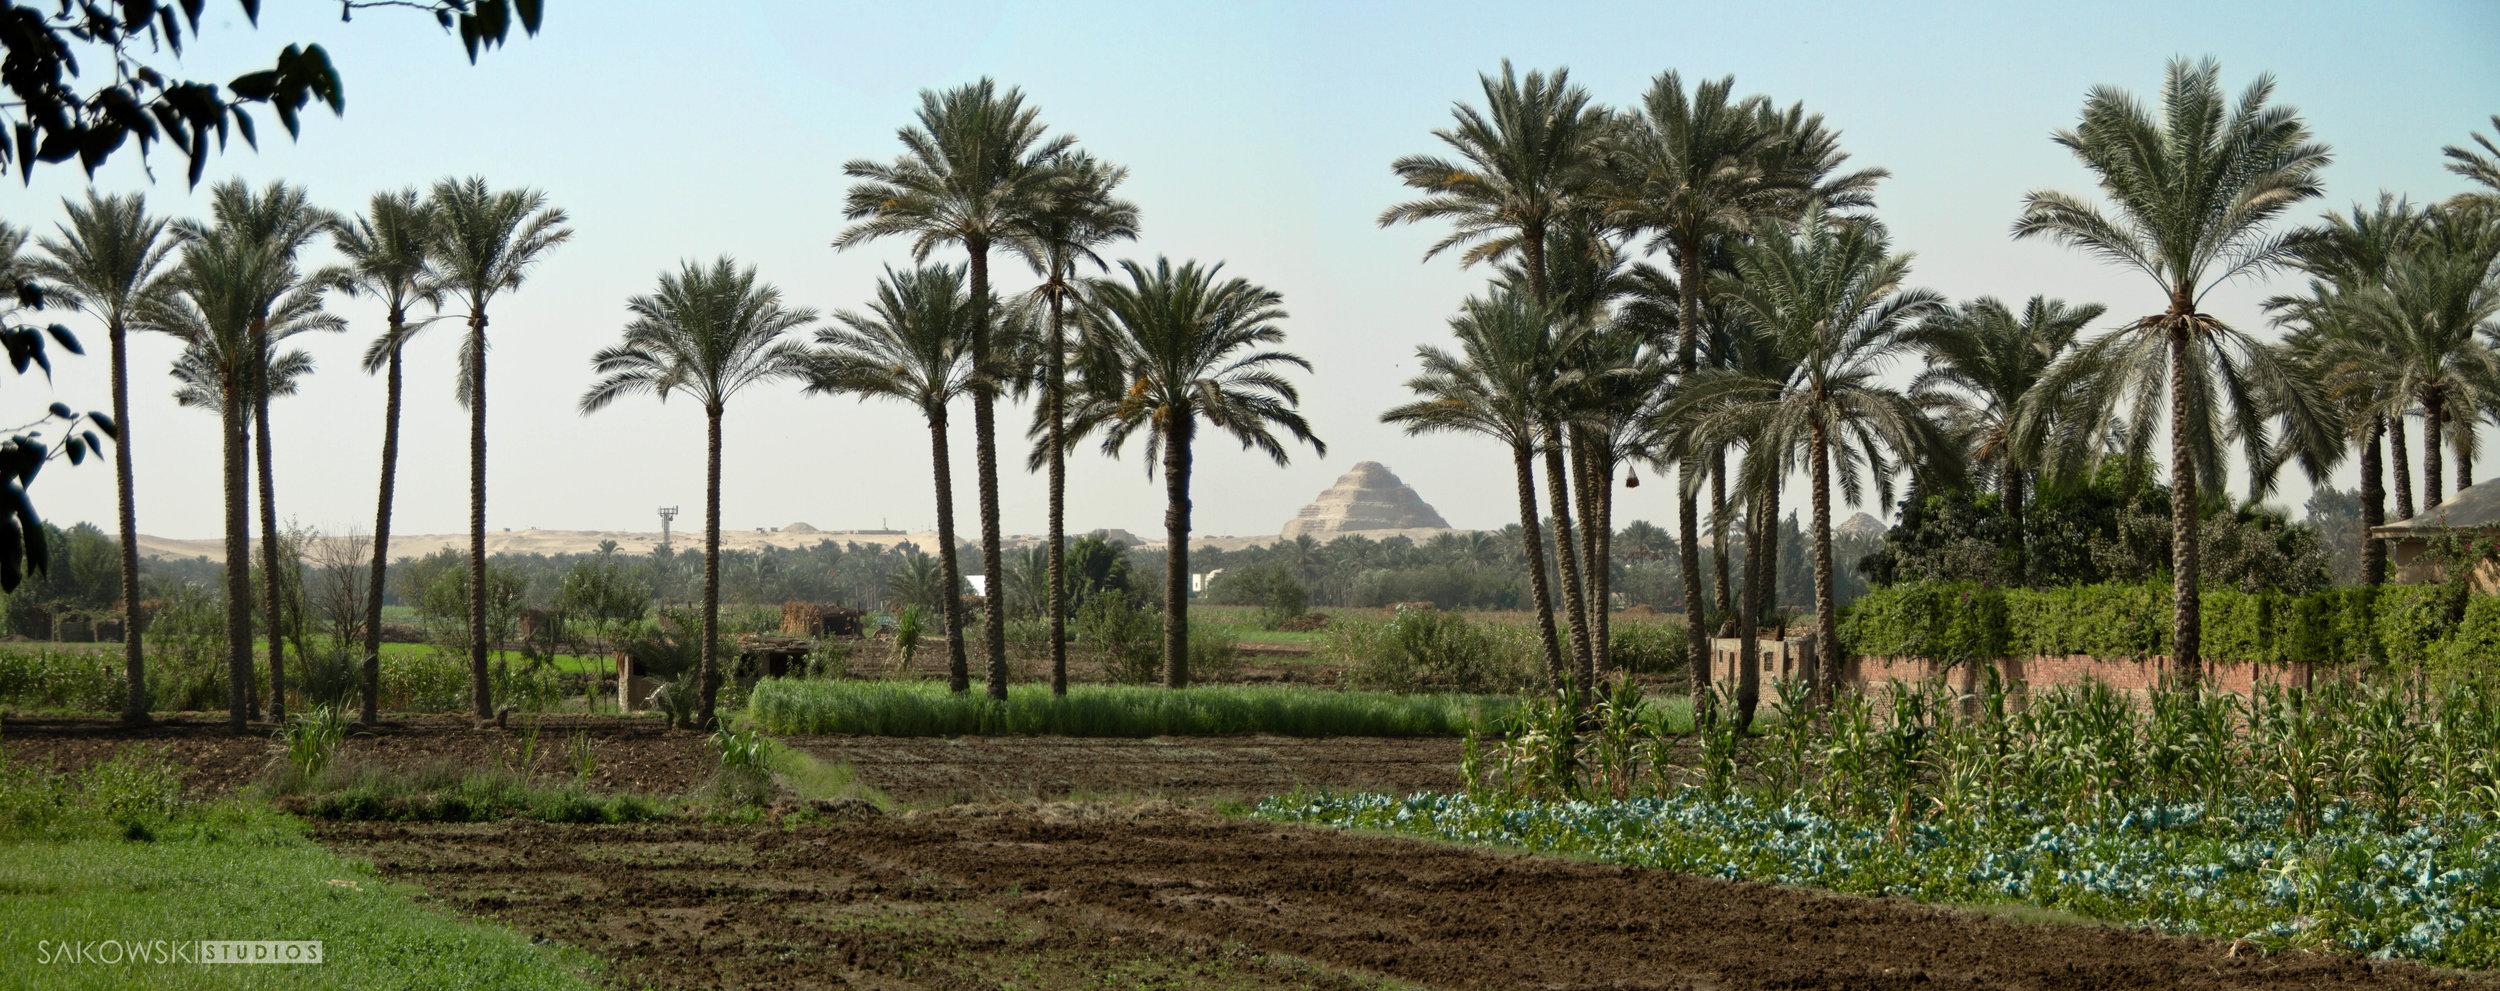 Sakowski_Egypt_05.jpg